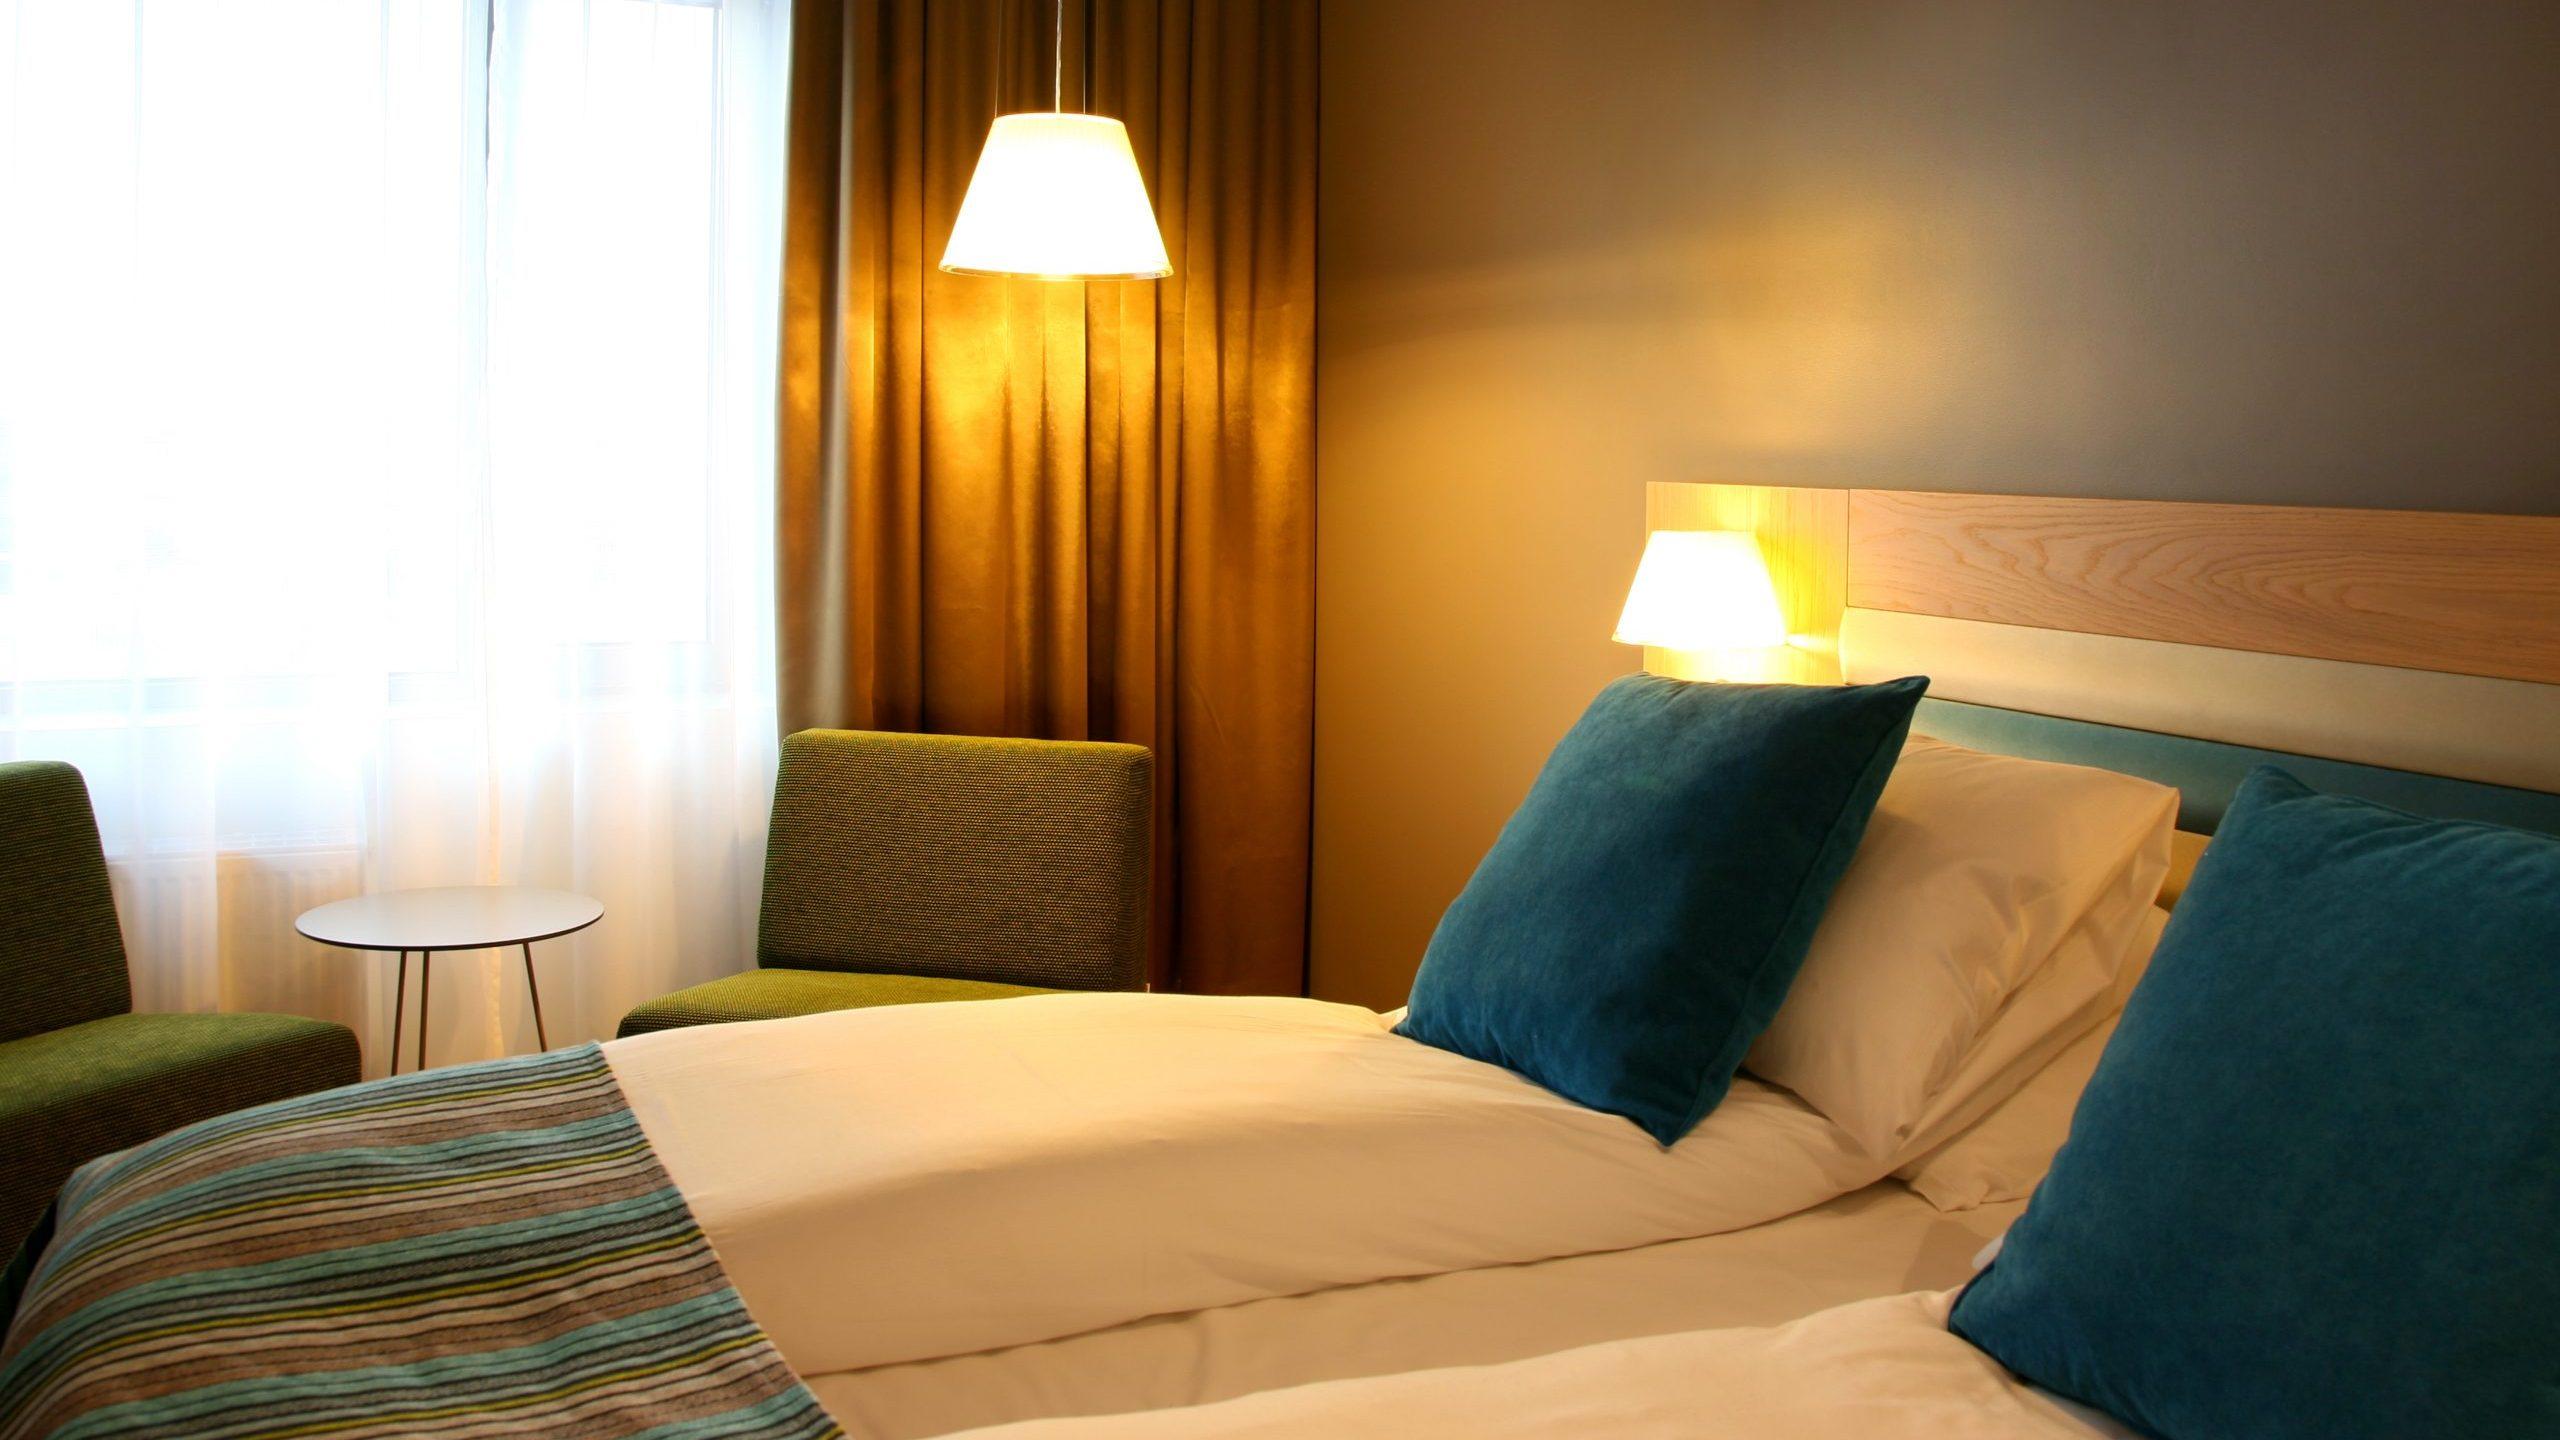 Bilde fra ett av de nyeste rommene på Thon Hotel Brønnøysund